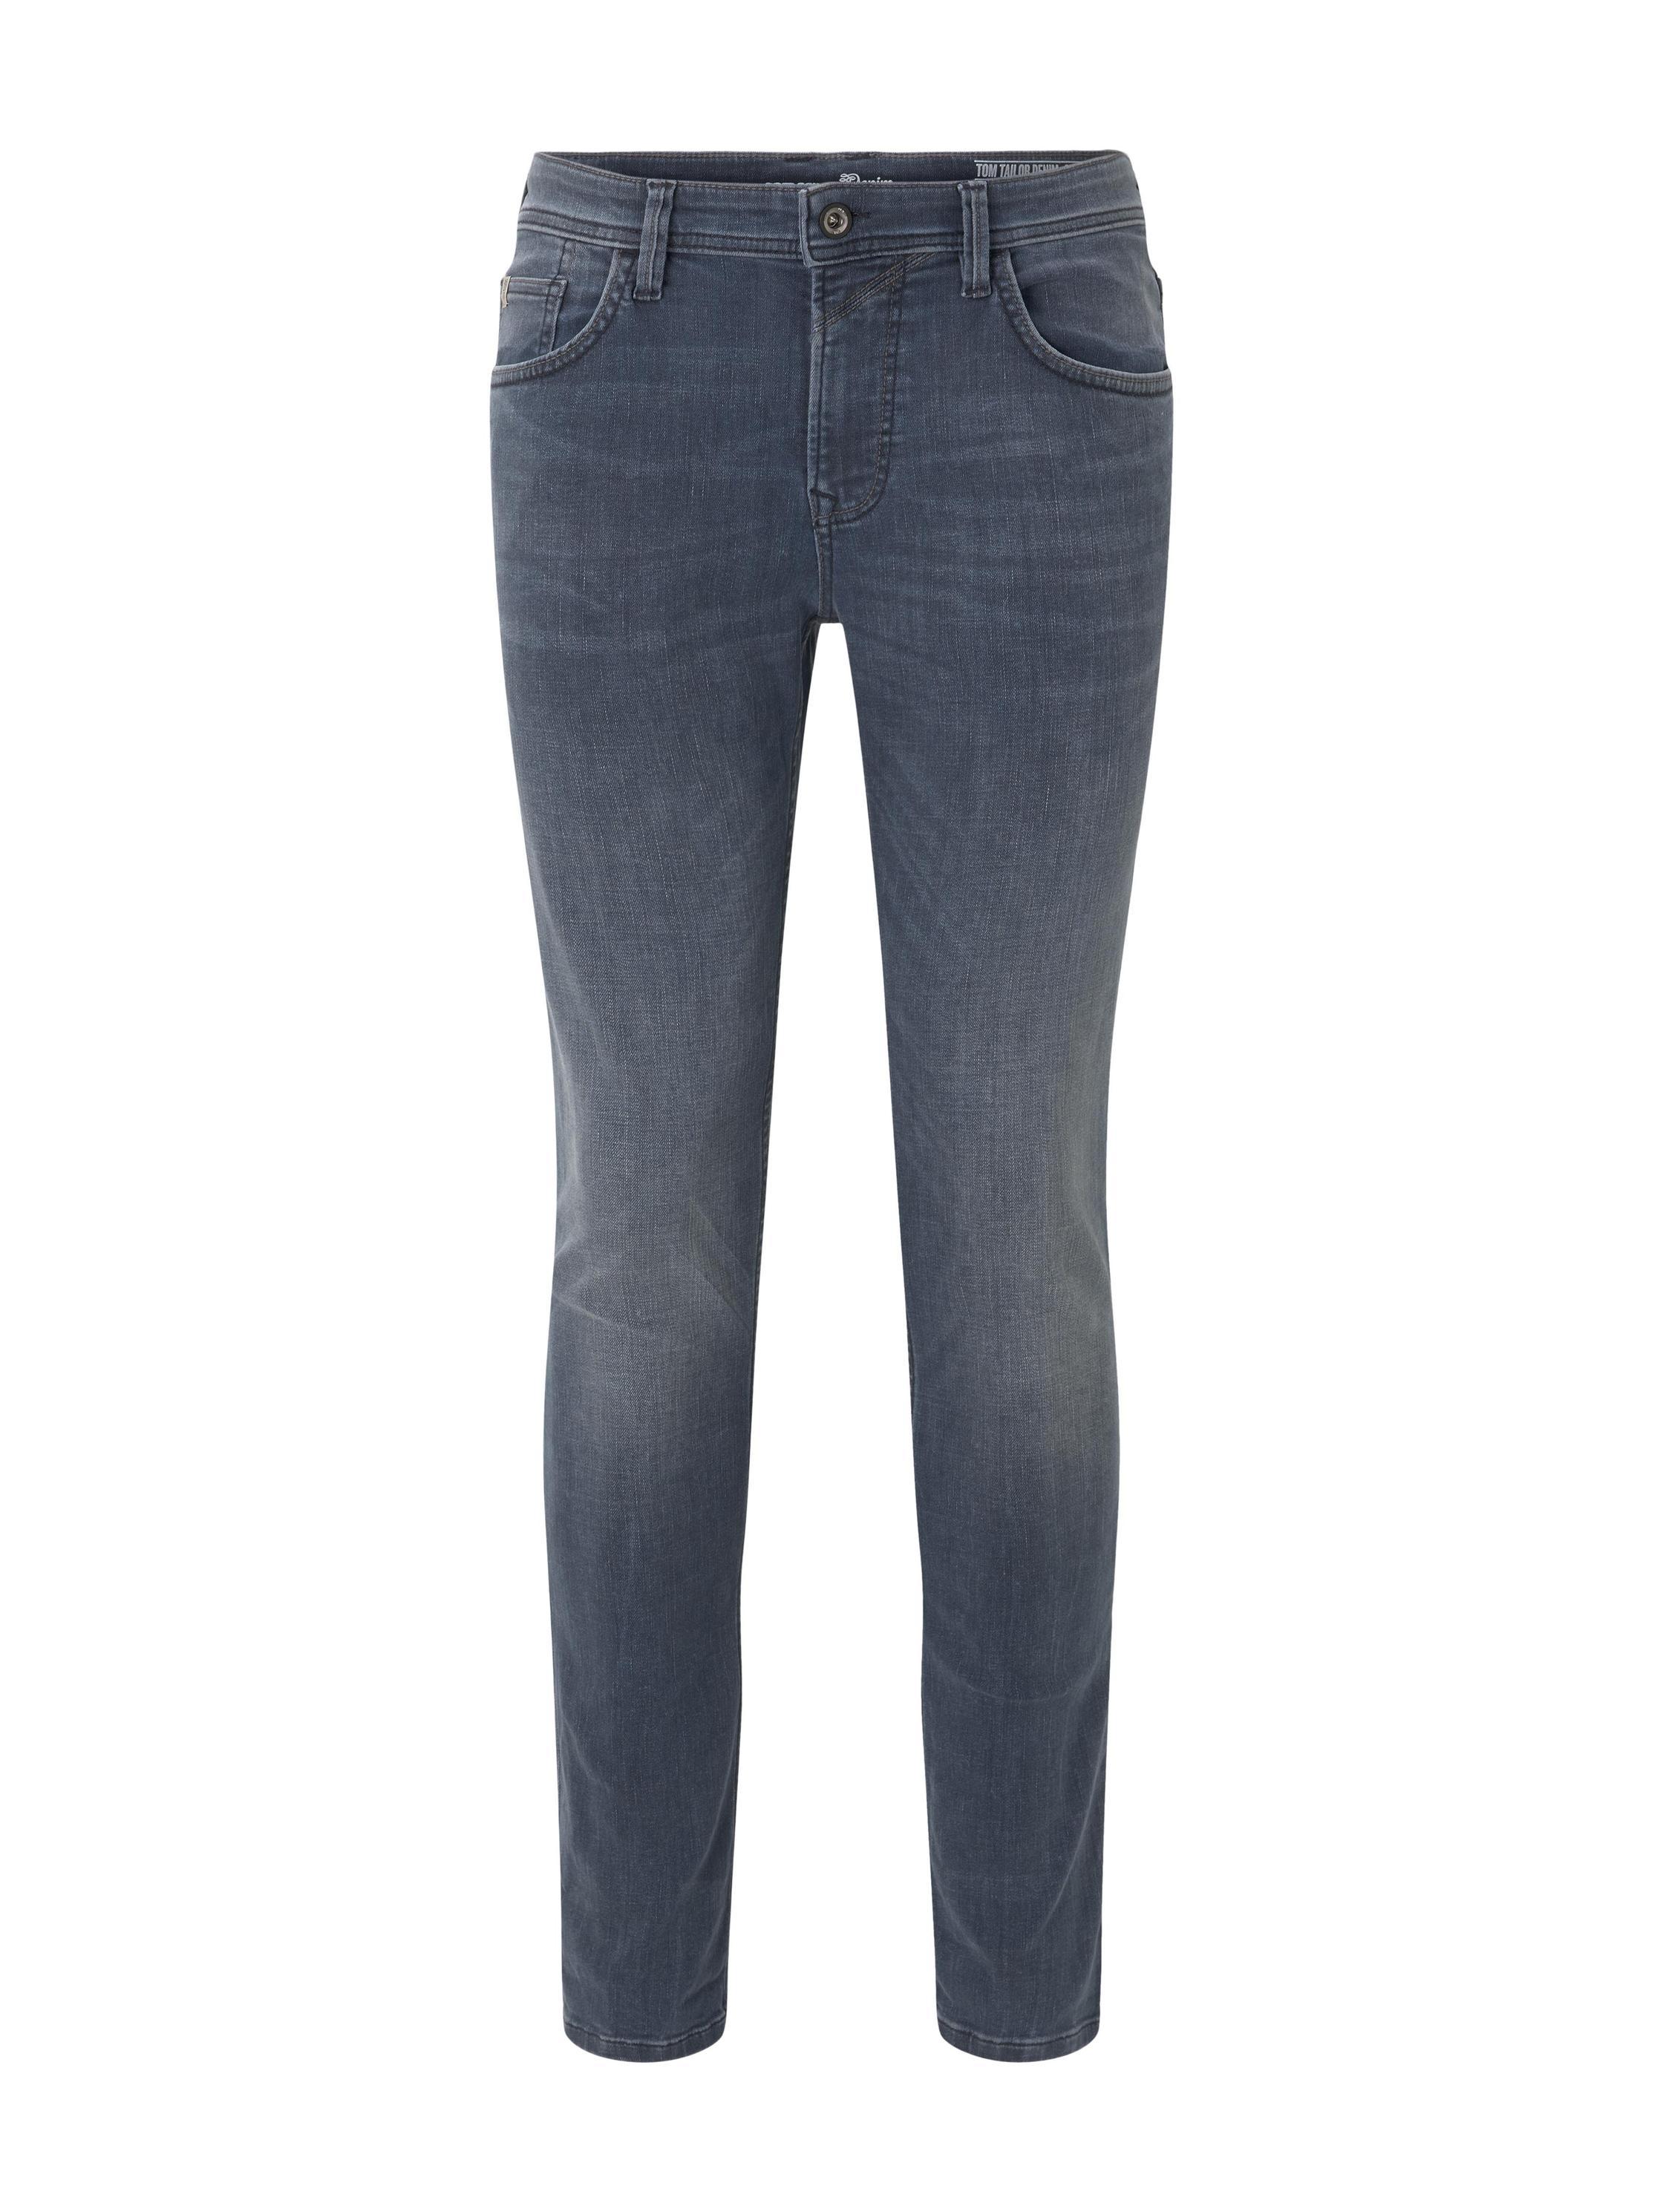 skinny CULVER greyblue stretch, dark stone blue grey denim